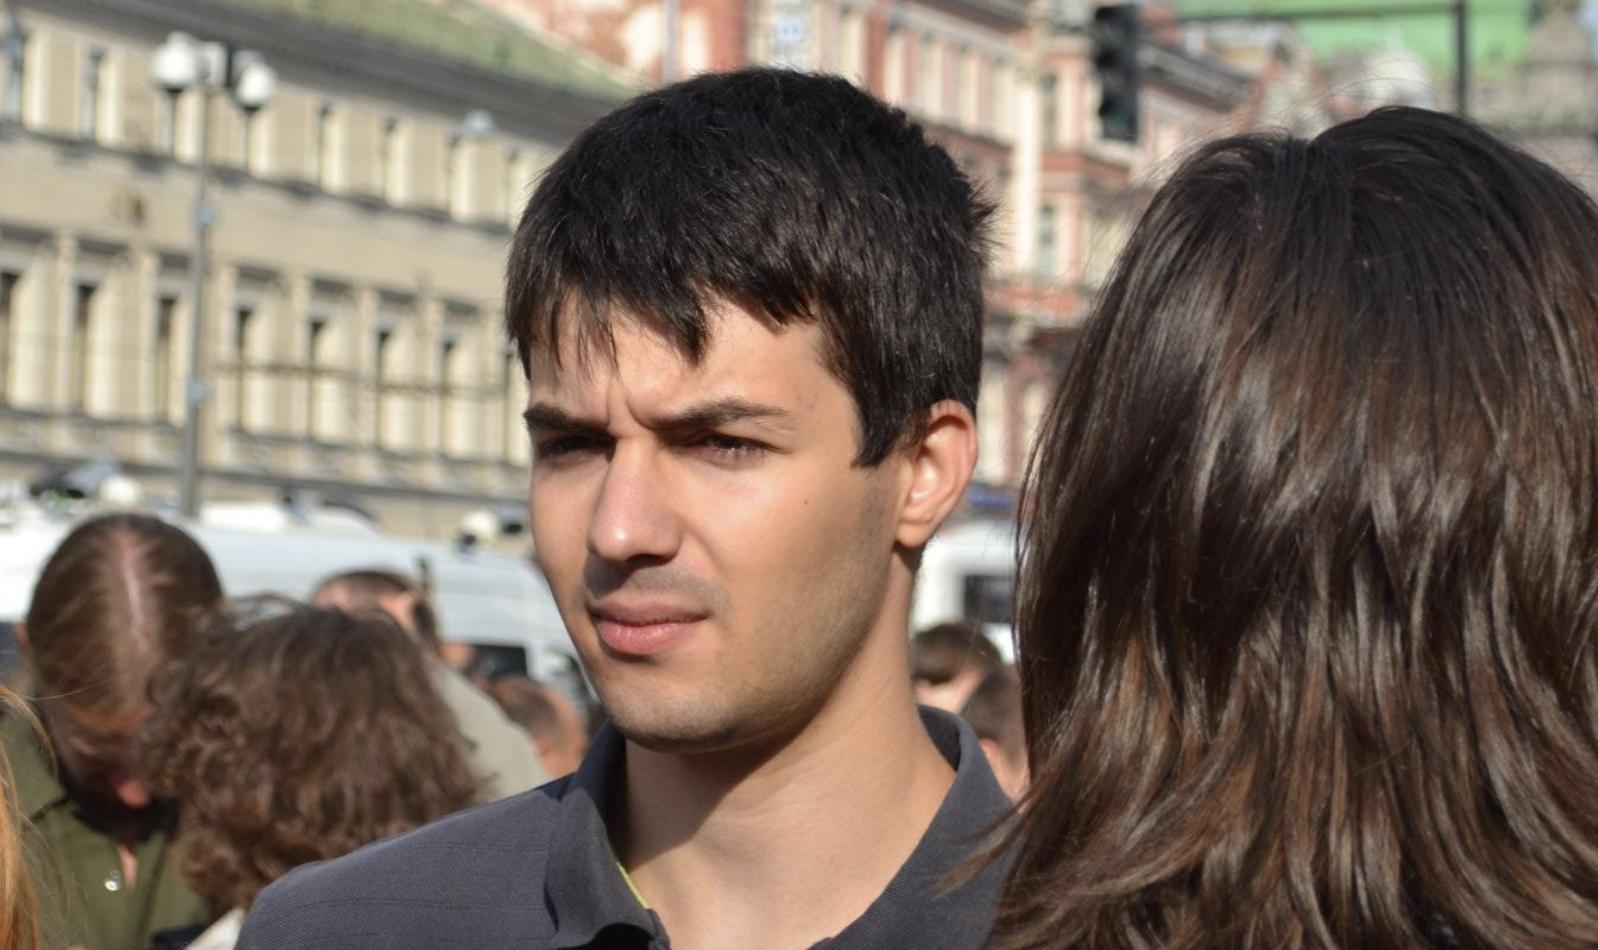 «Пошёл против генеральной линии партии»: бывший сотрудник ФБК — об обвинении в краже данных с сайта «Свободу Навальному»1